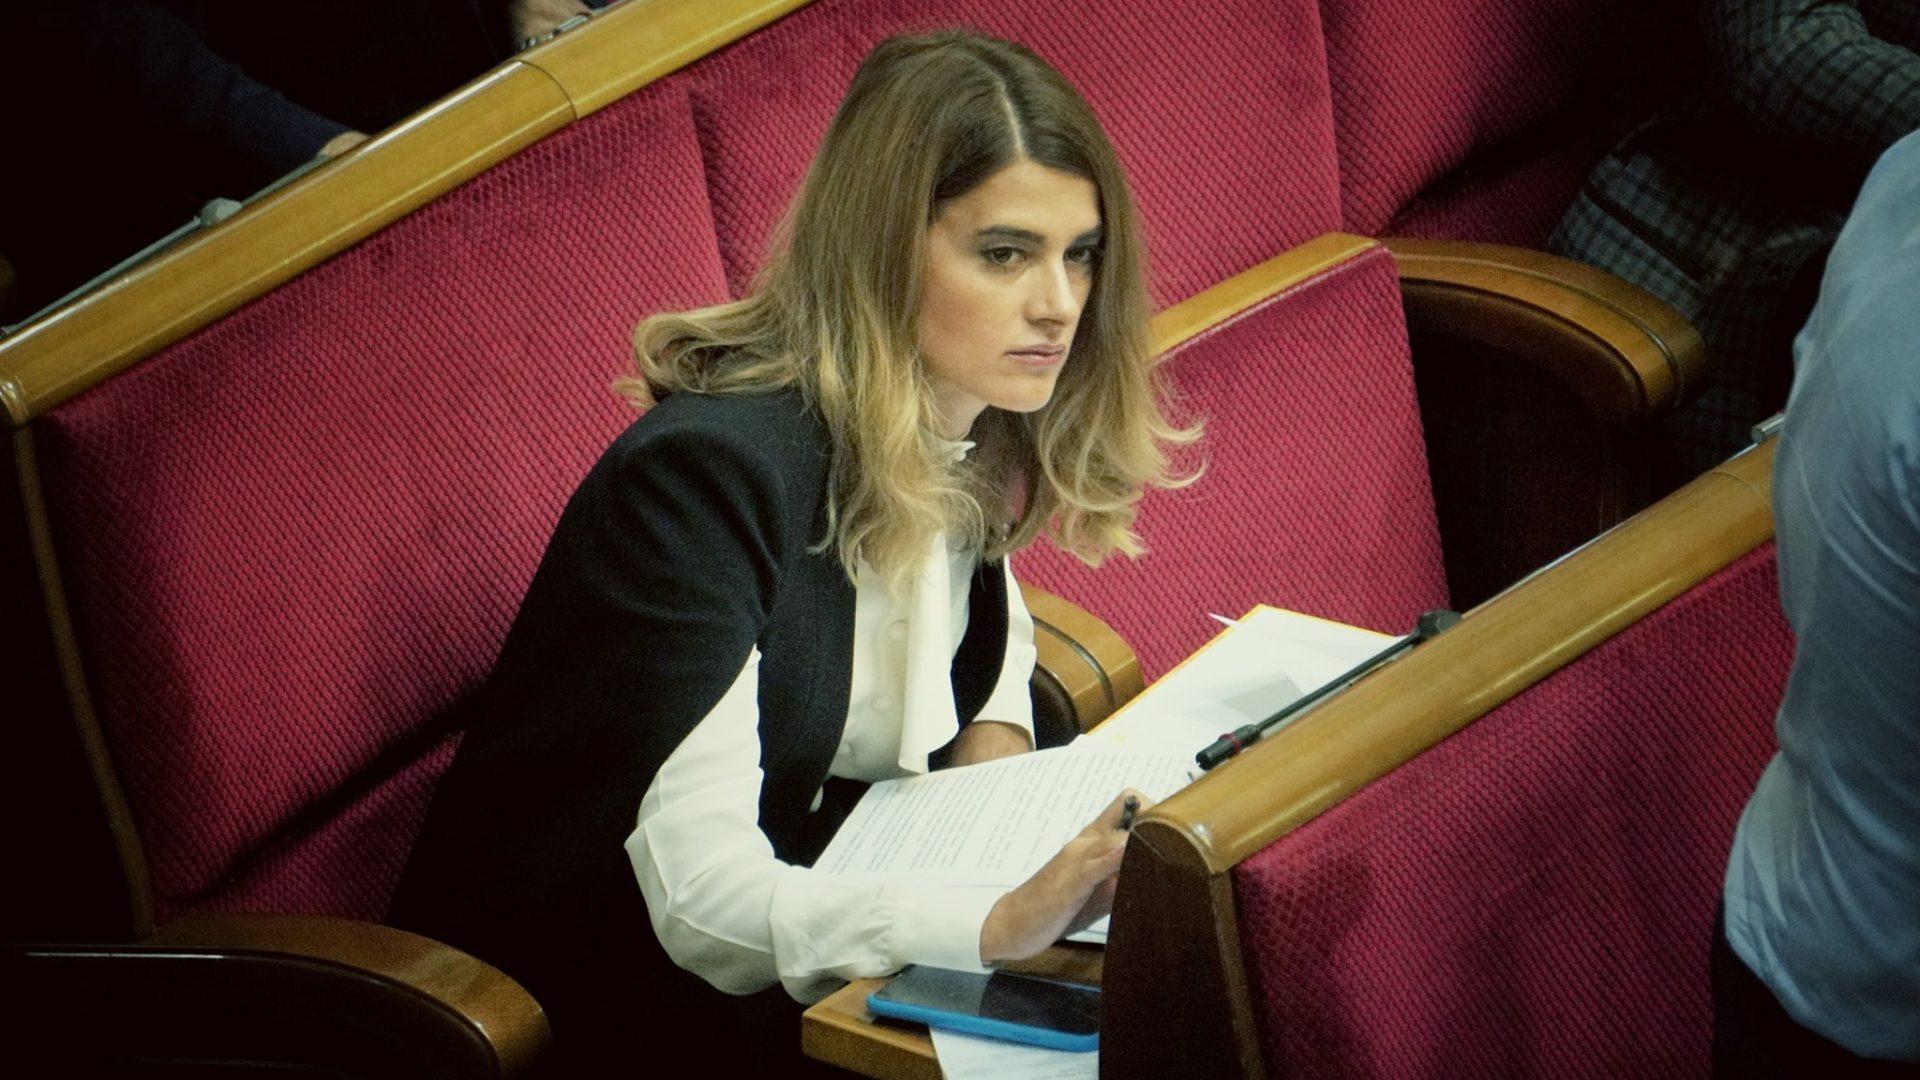 Депутати підтримали у другому читанні та в цілому законопроєкт №3006-а щодо надання при народженні дитини одноразової натуральної допомоги - пакунок малюка.